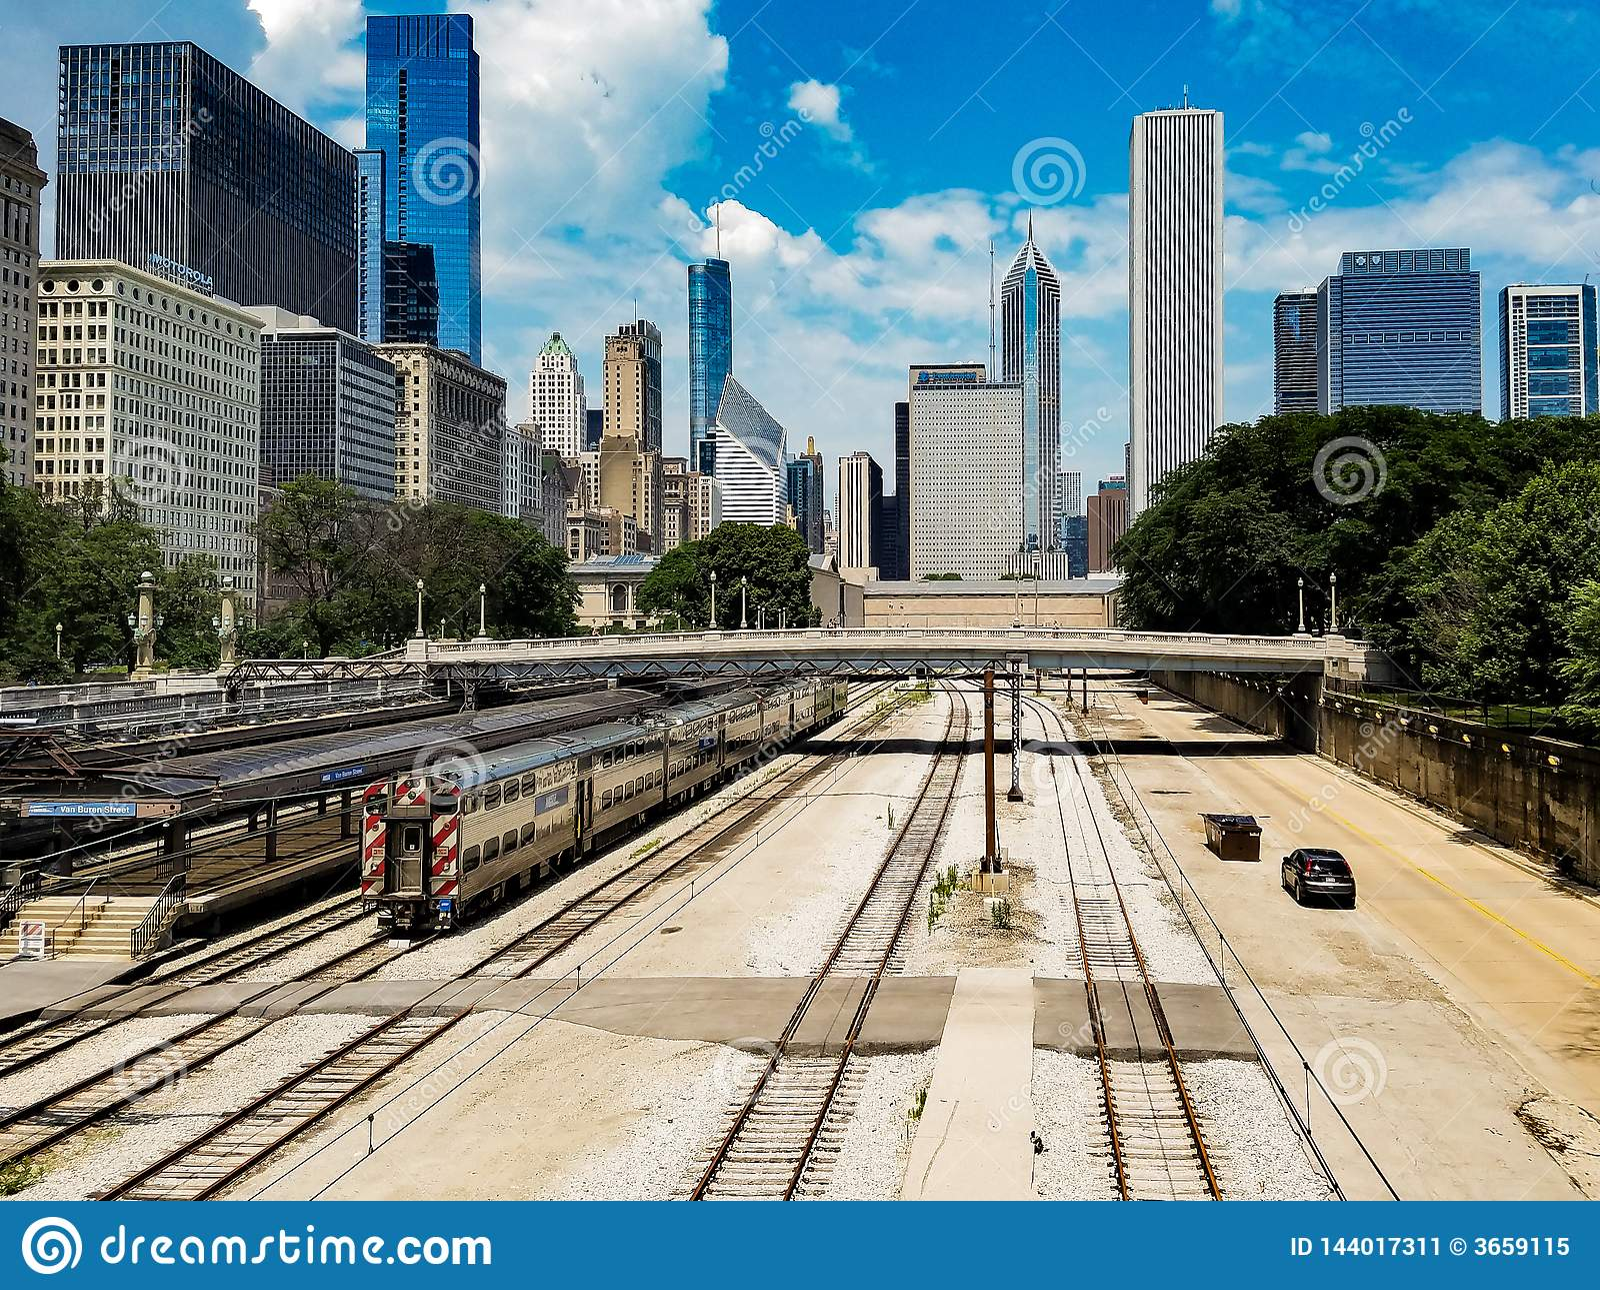 Chicago, Illinois, USA 07 05 2018 Chicago krajobraz z pociągiem na linii kolejowej i samochodach na drodze w przodzie